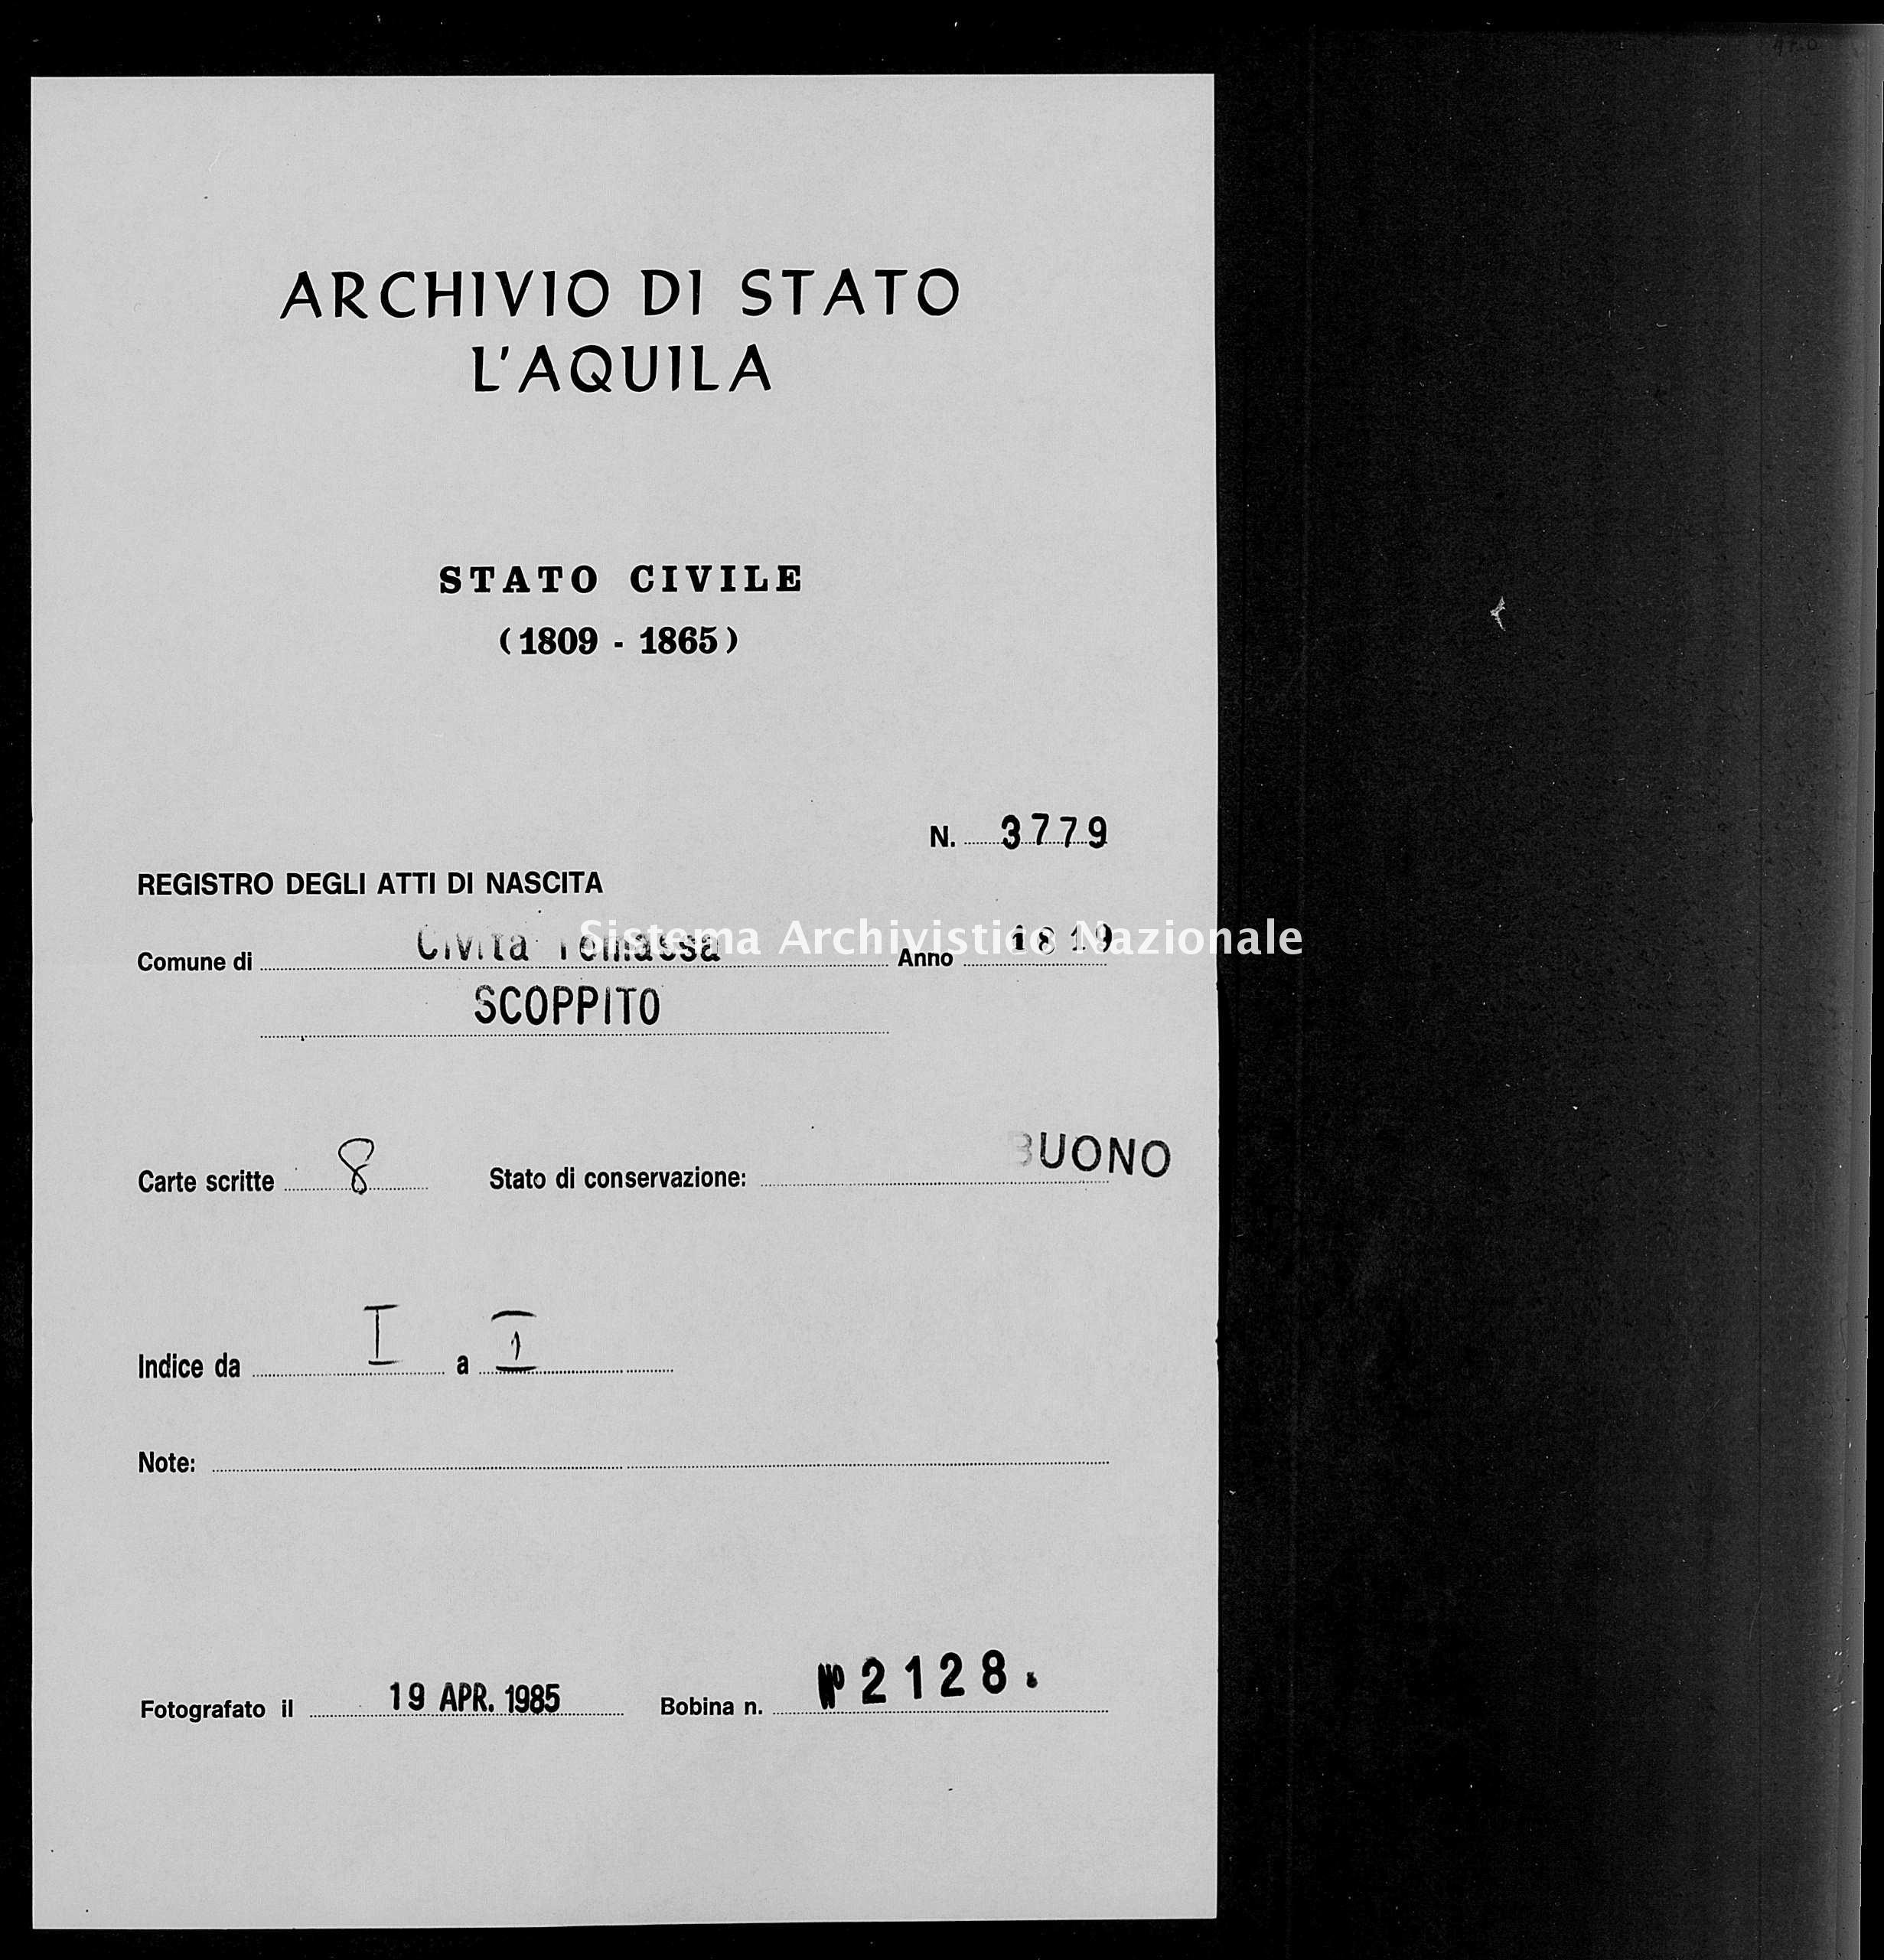 Archivio di stato di L'aquila - Stato civile della restaurazione - Civitatomassa - Nati - 1819 - 3779 -